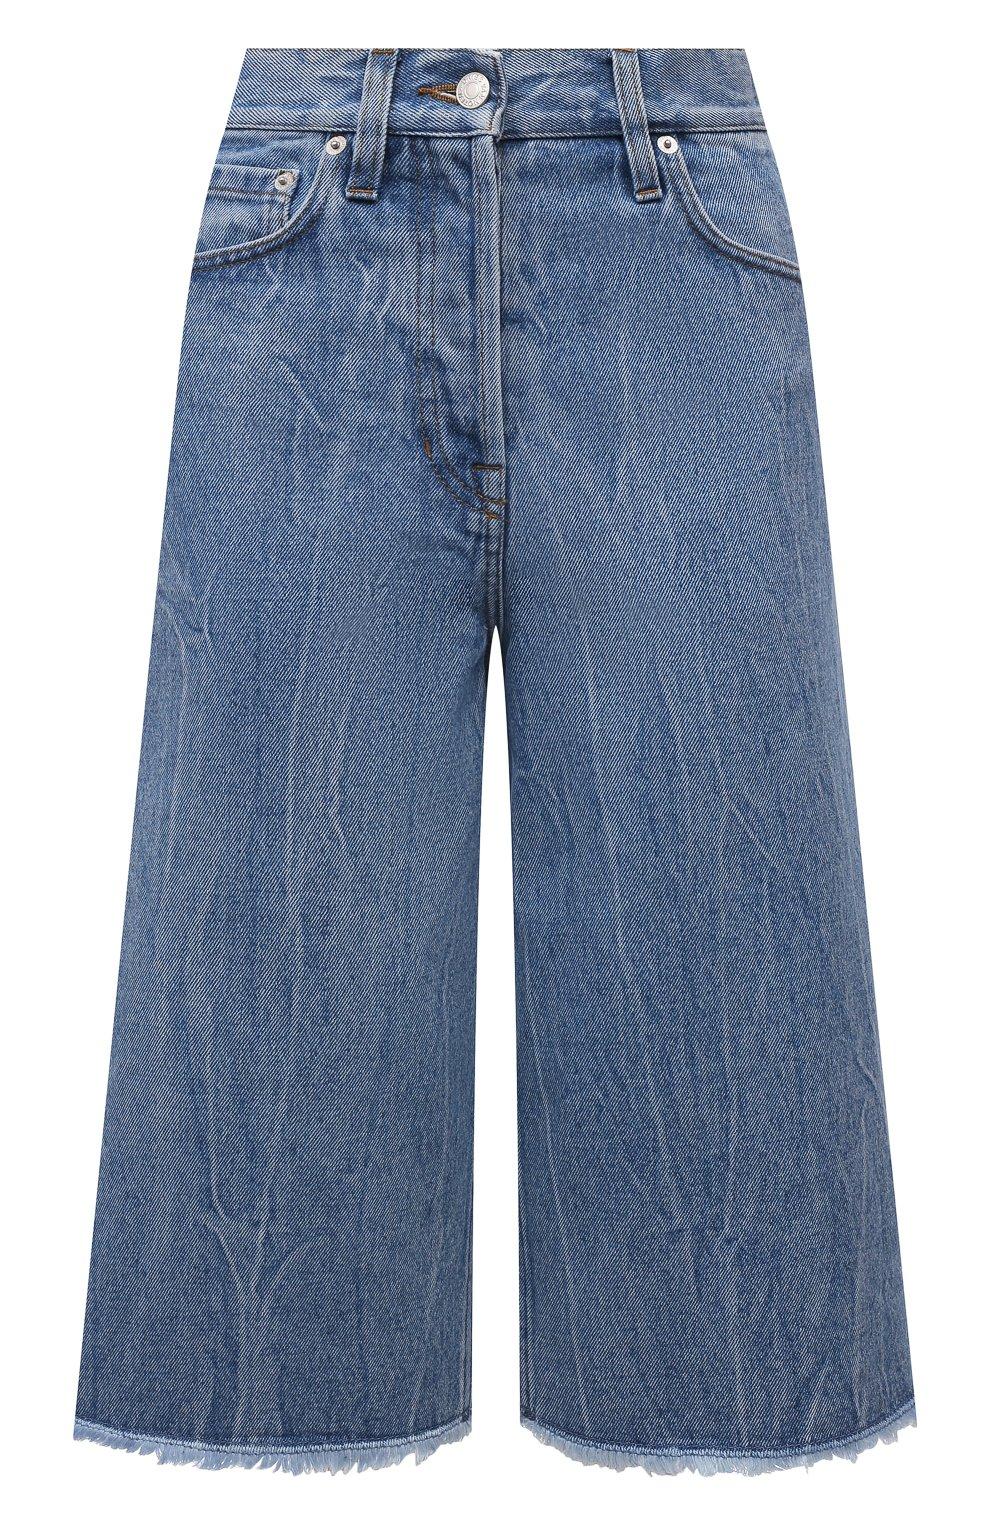 Женские джинсовые шорты DRIES VAN NOTEN синего цвета, арт. 212-032406-3381 | Фото 1 (Женское Кросс-КТ: Шорты-одежда; Стили: Гламурный; Кросс-КТ: Деним, Широкие; Материал внешний: Хлопок; Длина Ж (юбки, платья, шорты): Миди)